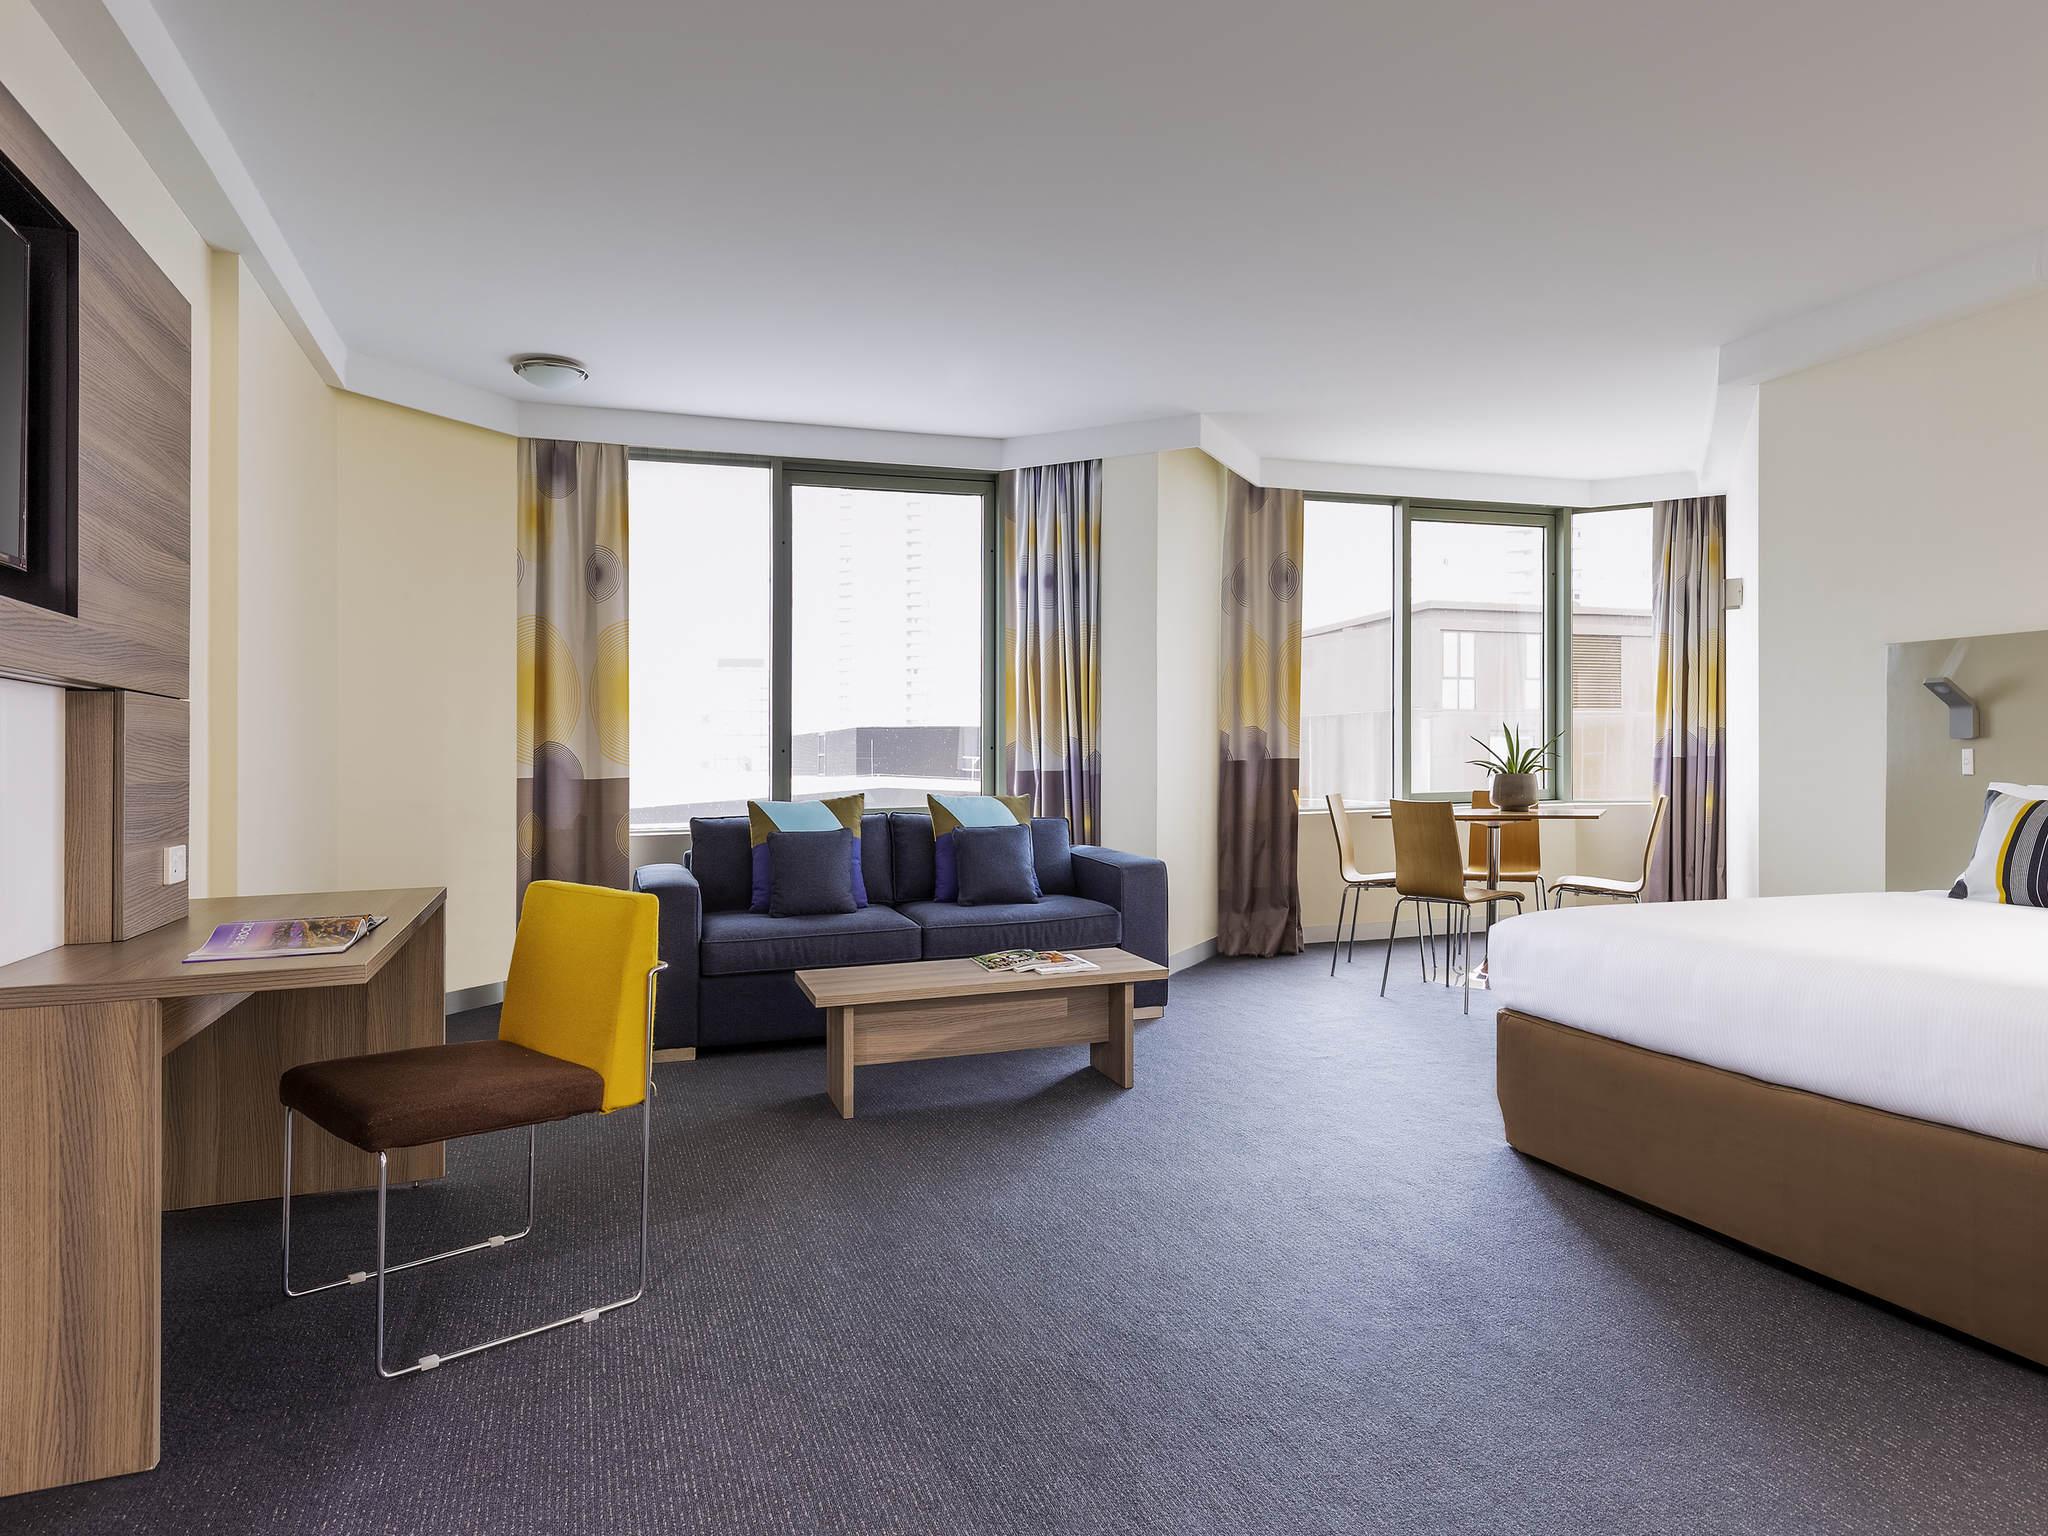 فندق - فندق نوفوتيل Novotel سيدني سنترال